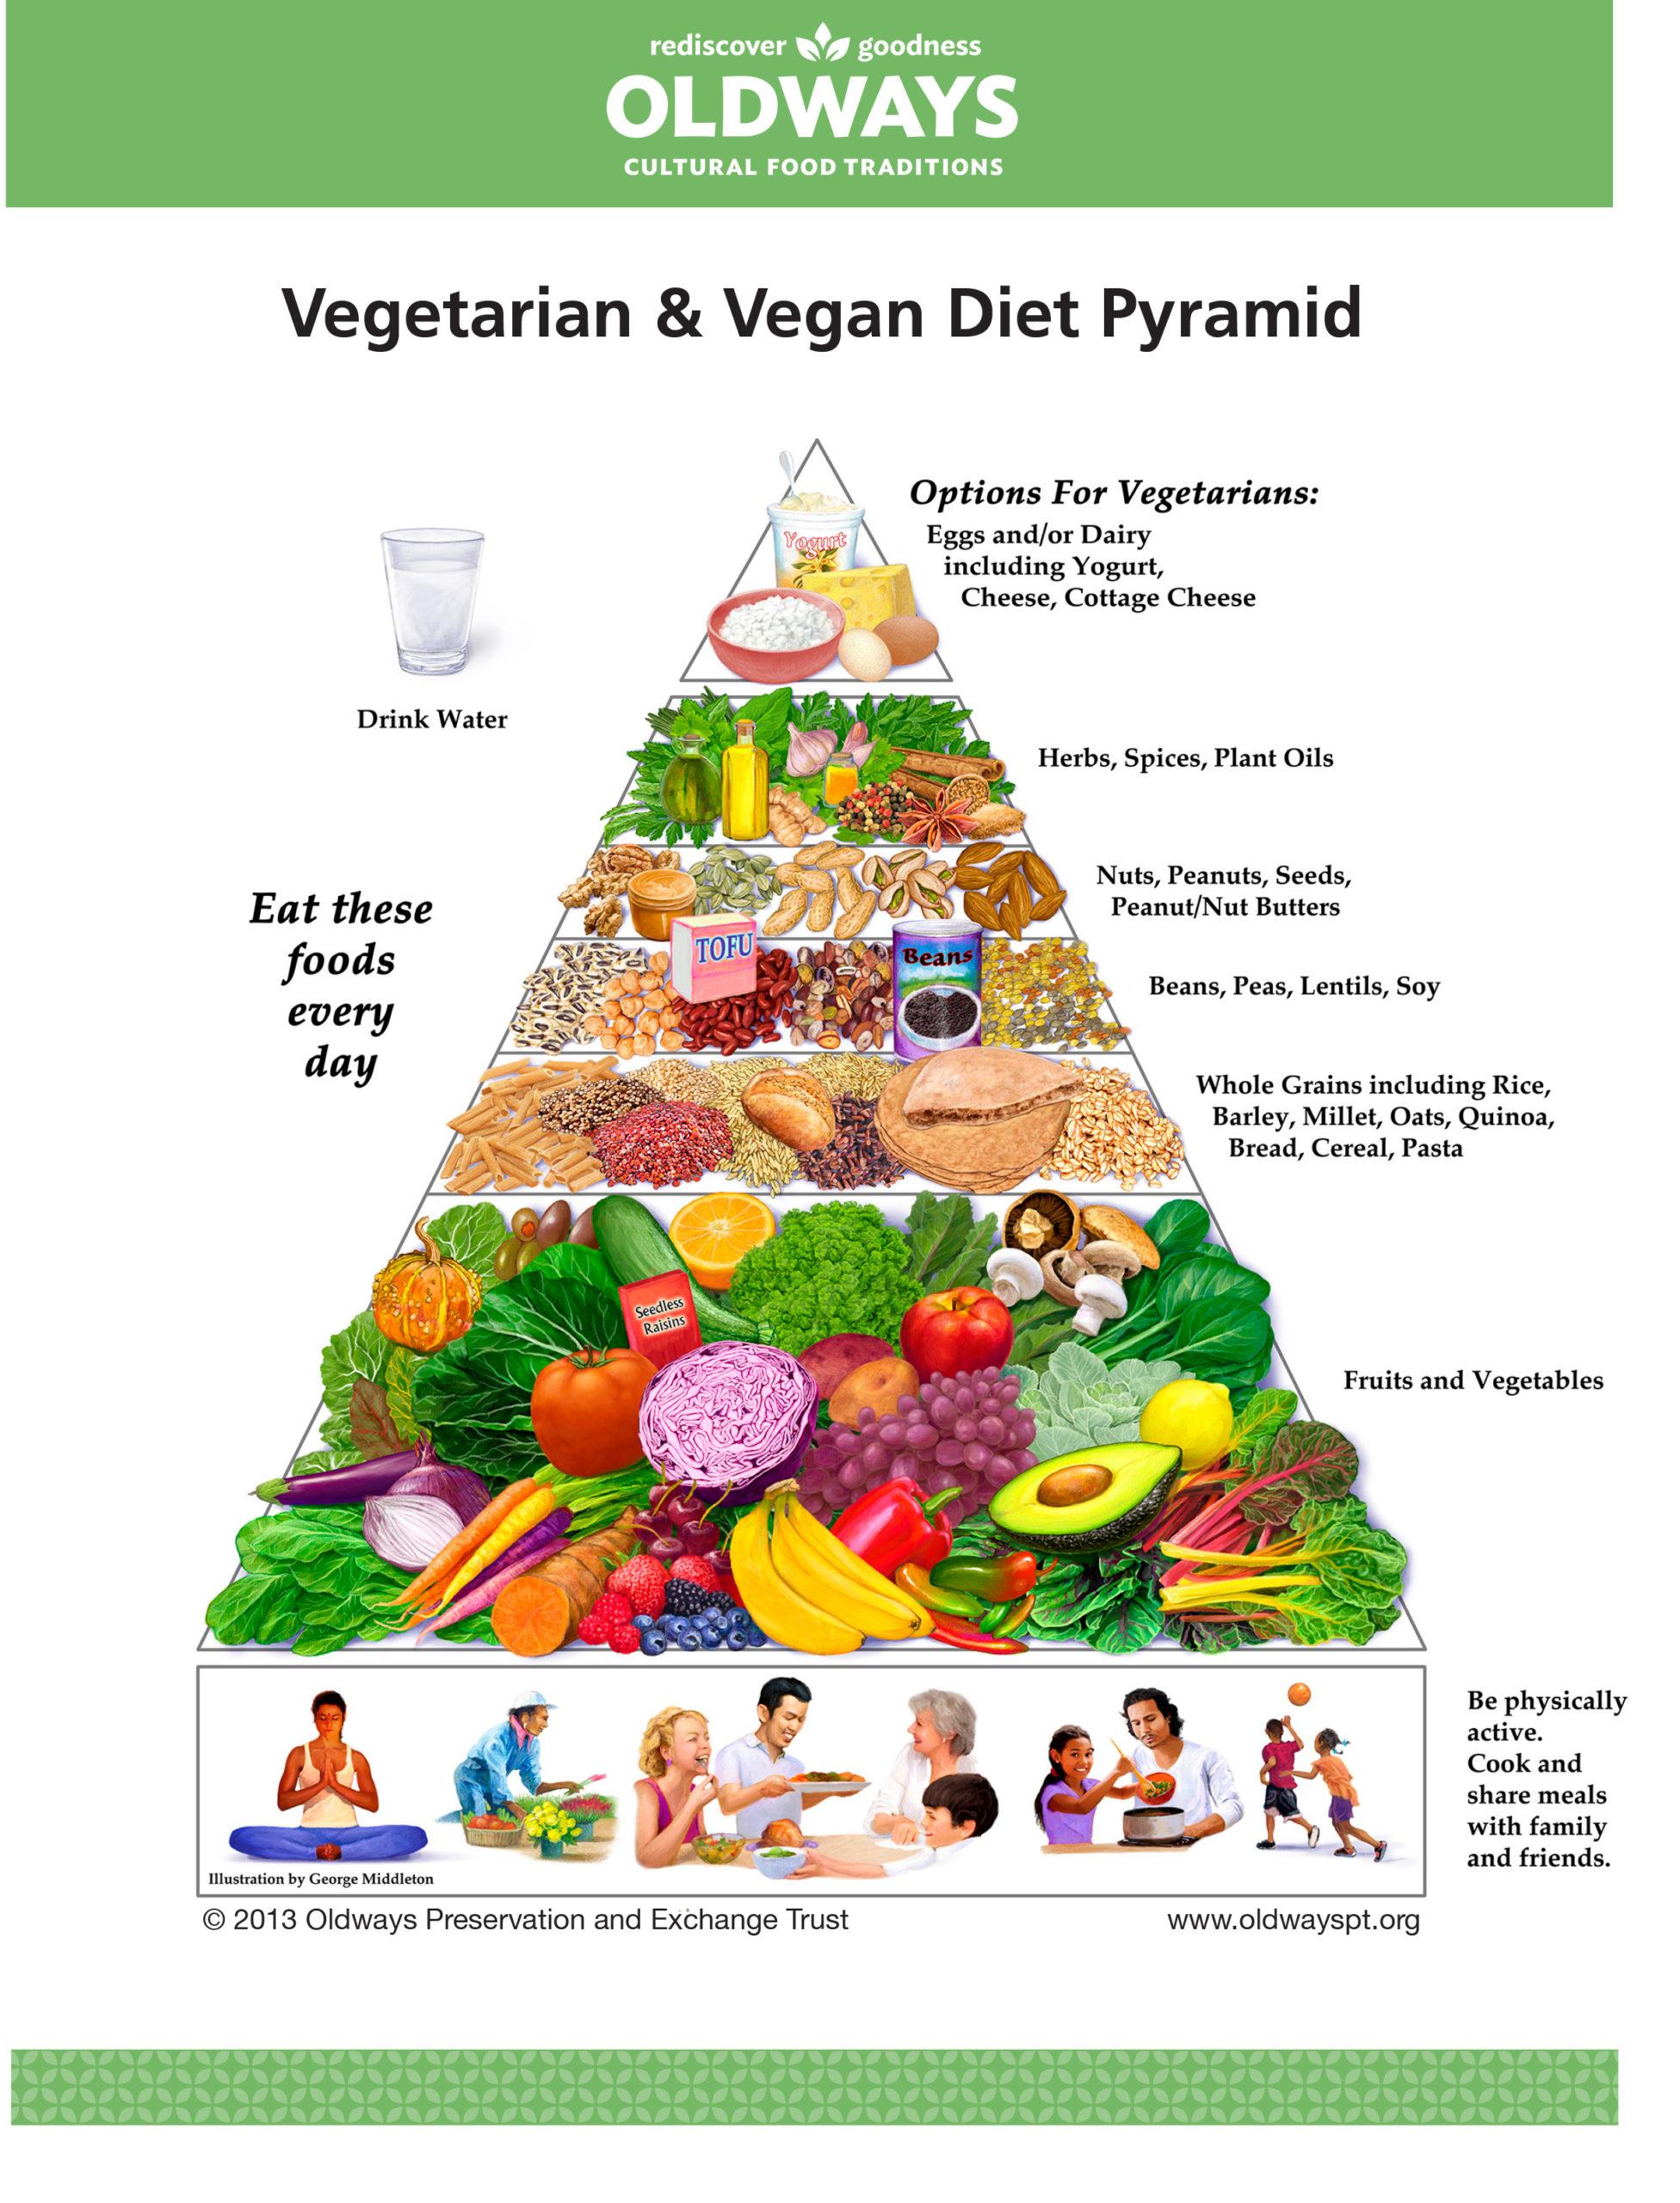 РАстительная (вегетарианская или веганская) диета)